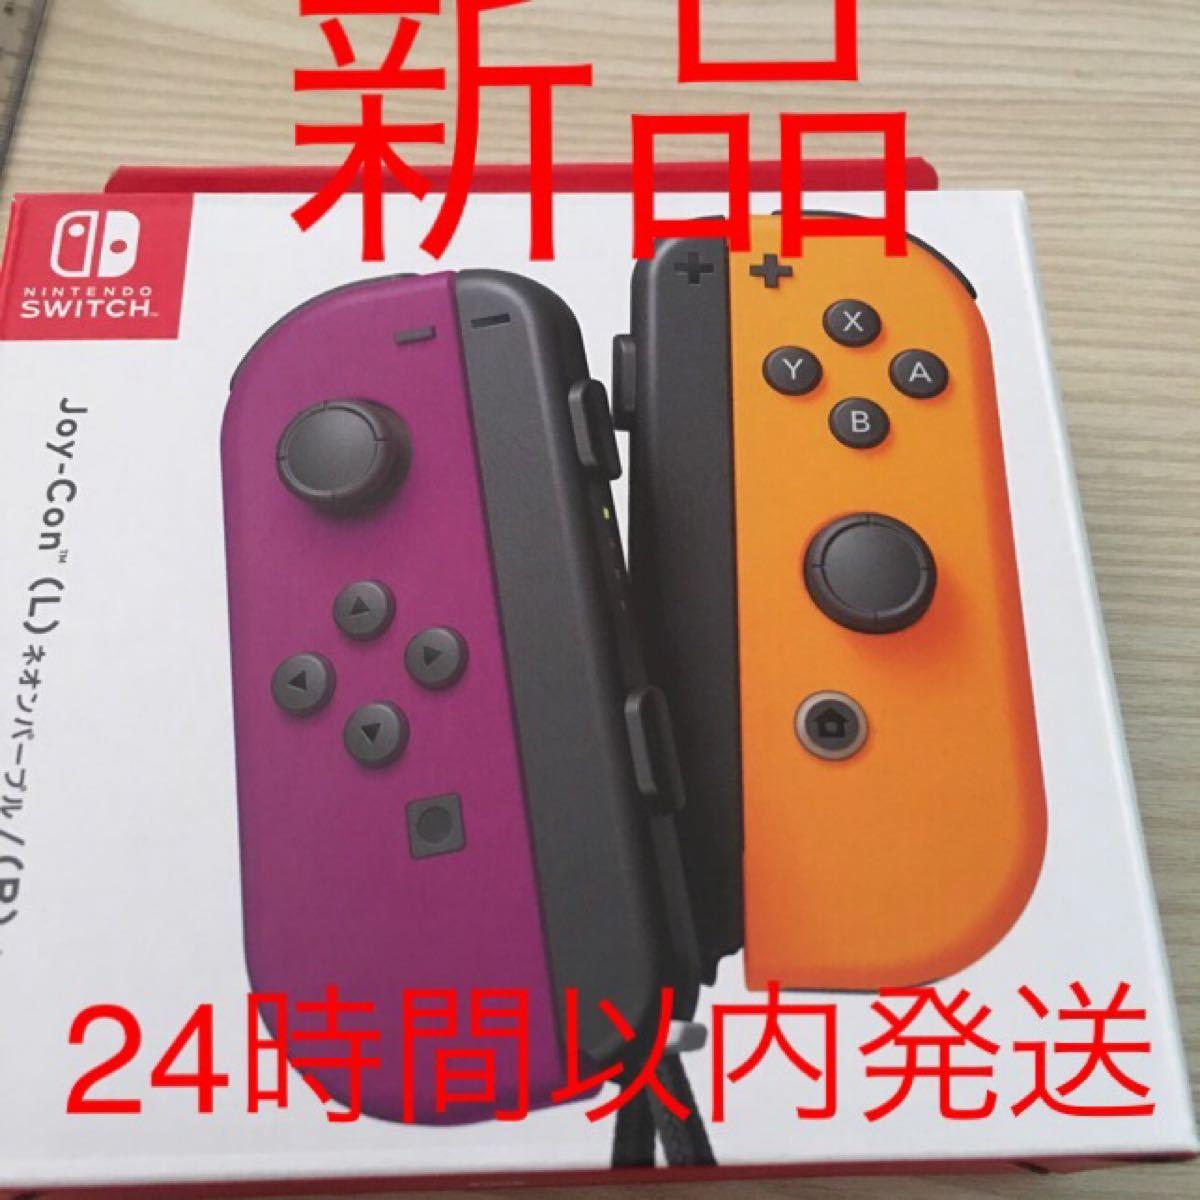 Switch joy-con   ネオンパープル ネオンオレンジ 新品未使用